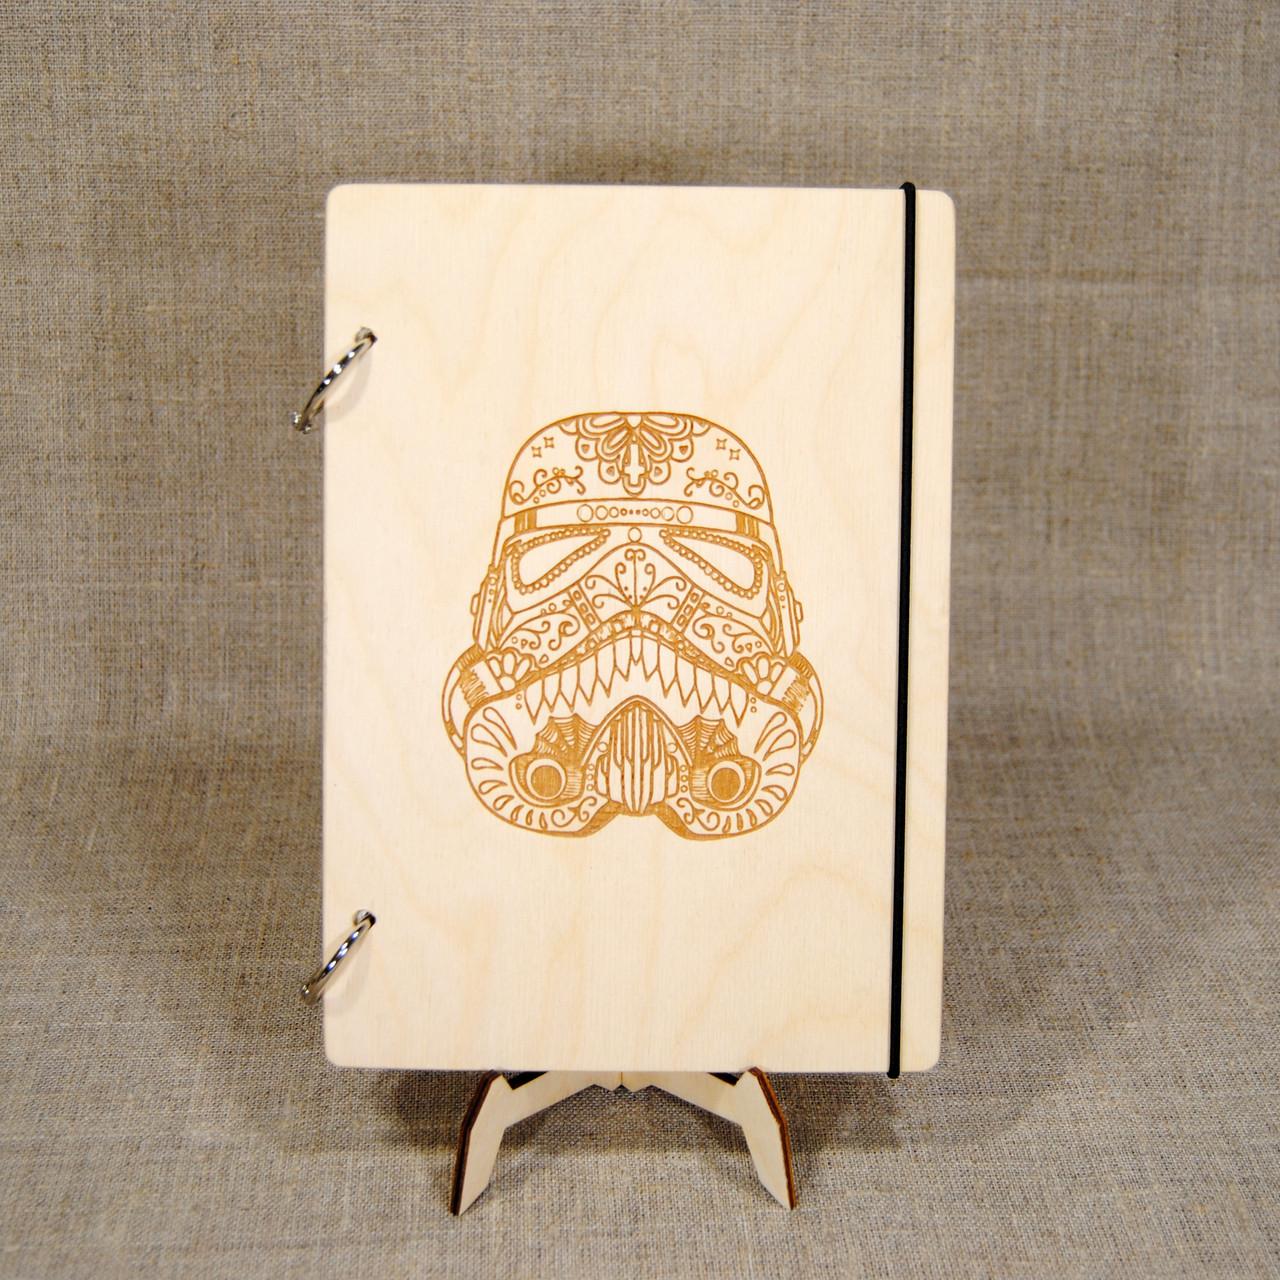 Блокнот. Скетчбук. Блокнот с деревянной обложкой А6. Блокнот в деревянном переплете. Деревянный блокнот